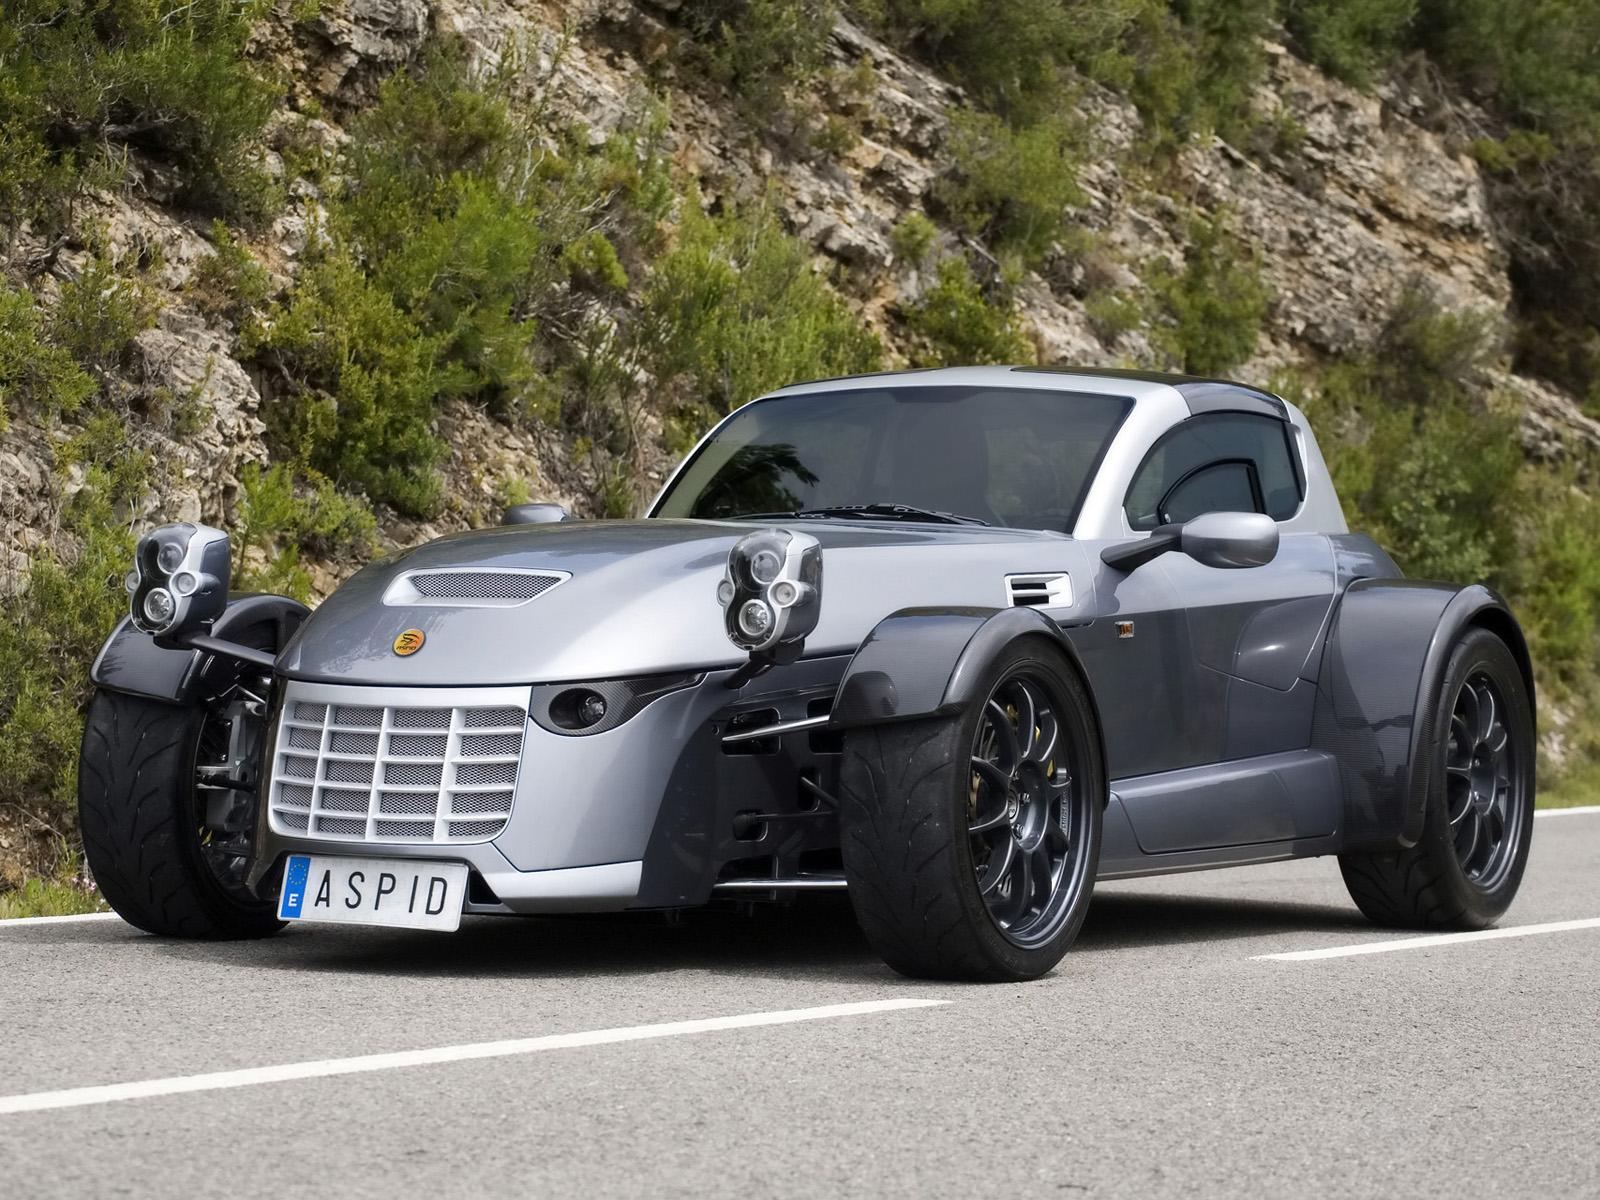 IFR Automotive Aspid оснащен 450-сильным 4,4-литровым V8